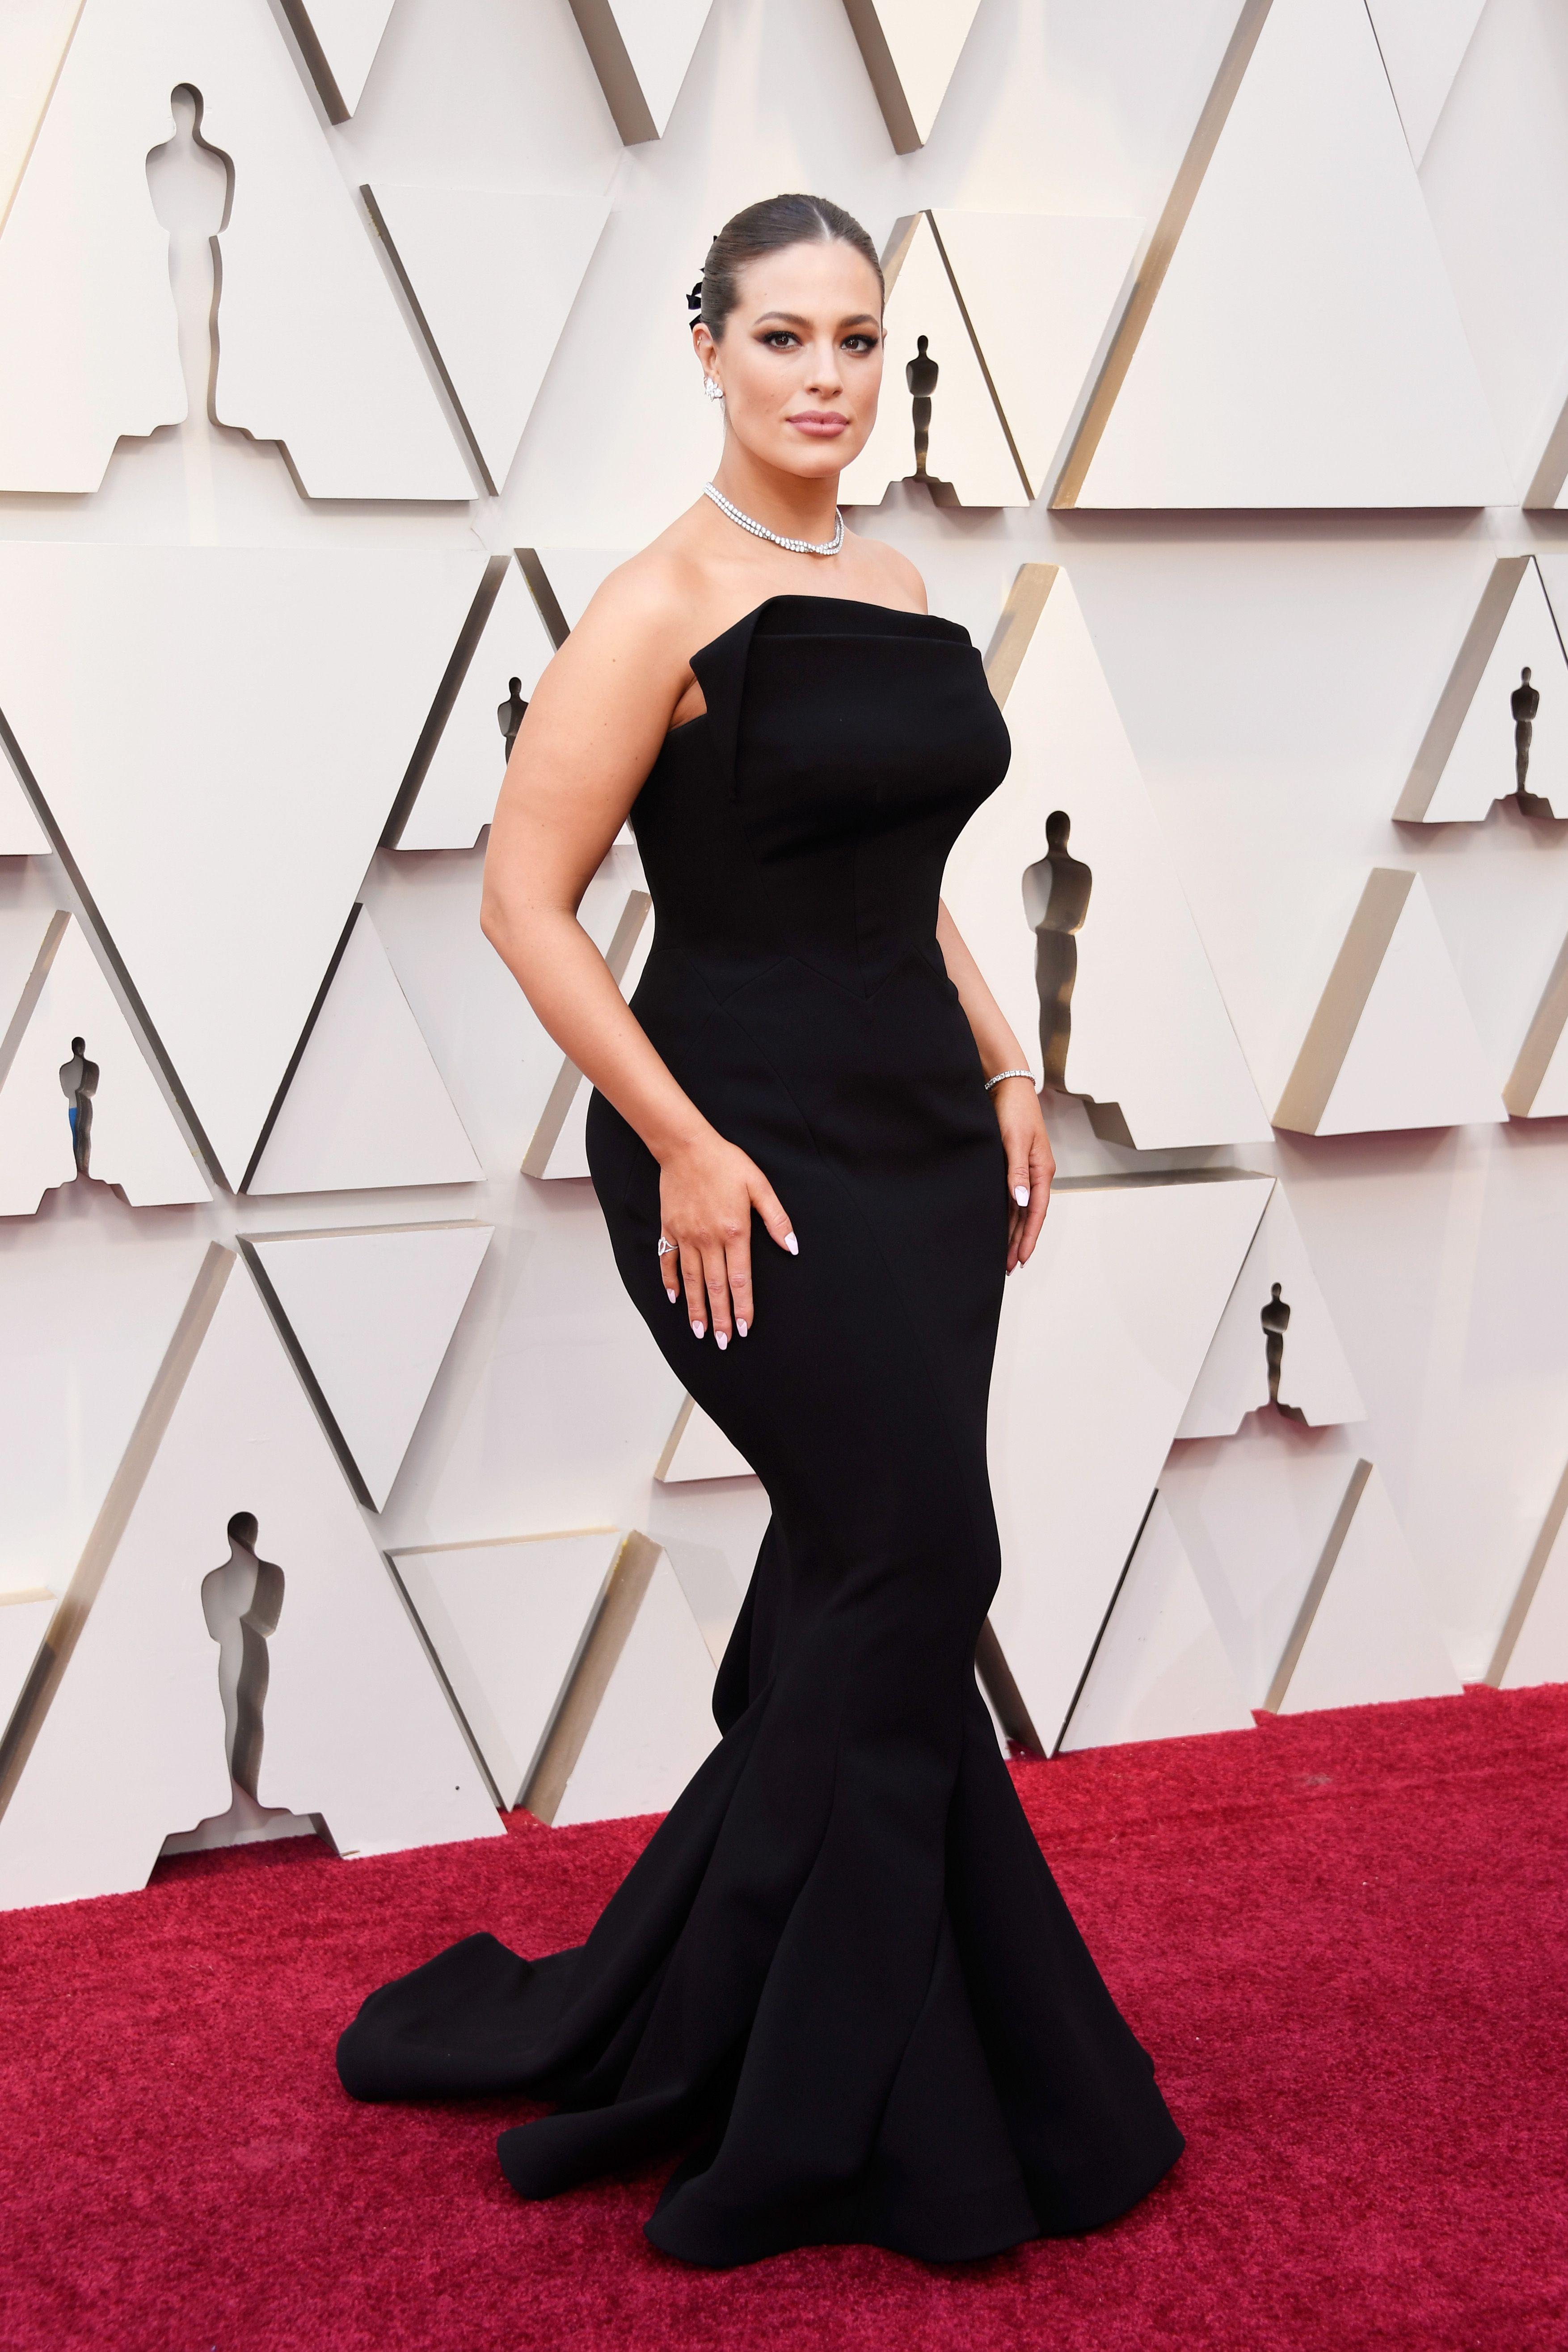 91st Annual Academy Awards - Arrivals - Ashley Graham